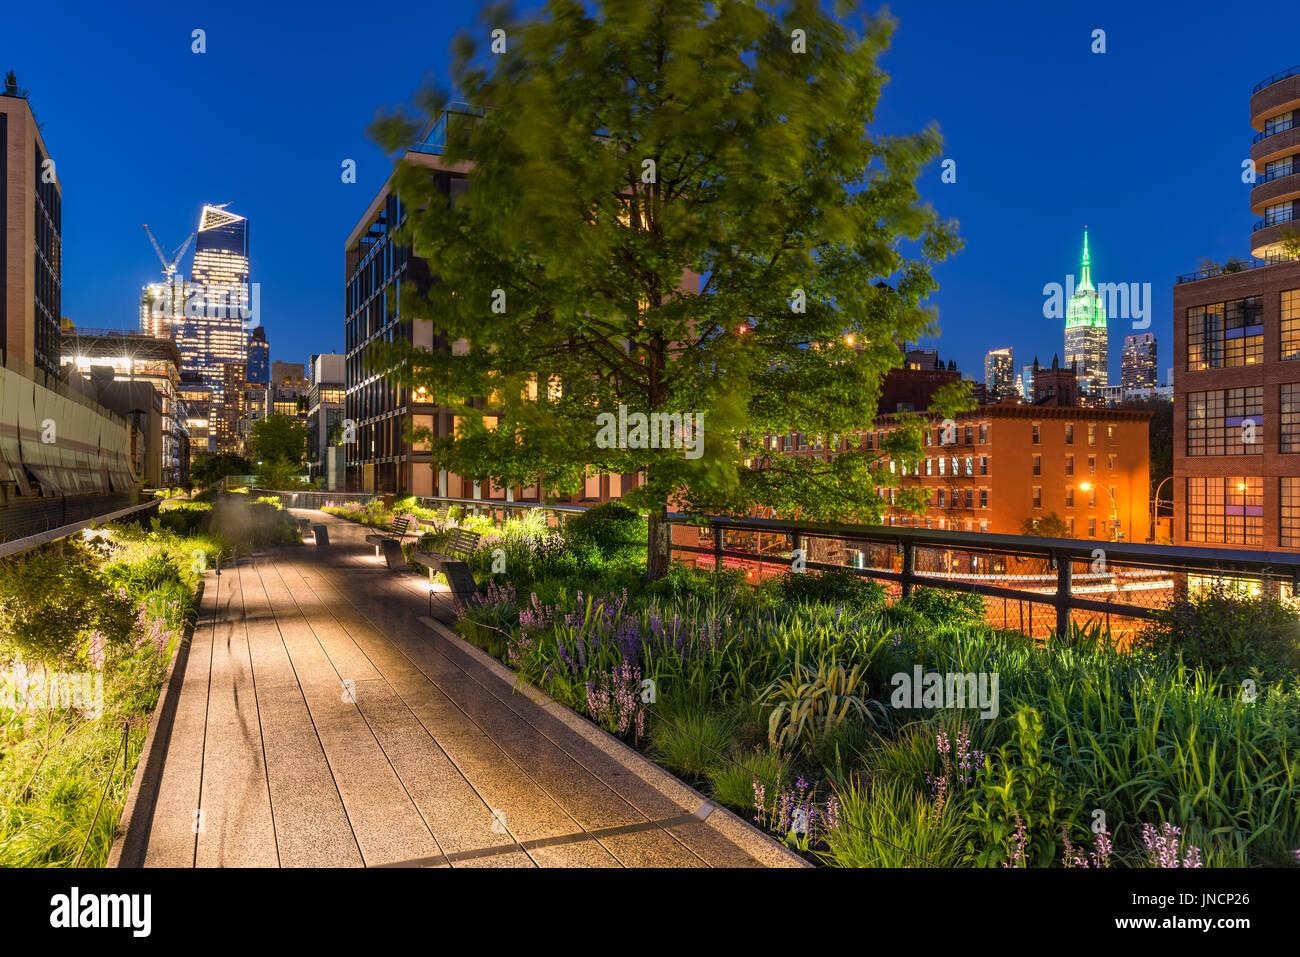 Linea alta promenade al crepuscolo con le luci della città e grattacieli illuminati. Chelsea, Manhattan New York City Immagini Stock